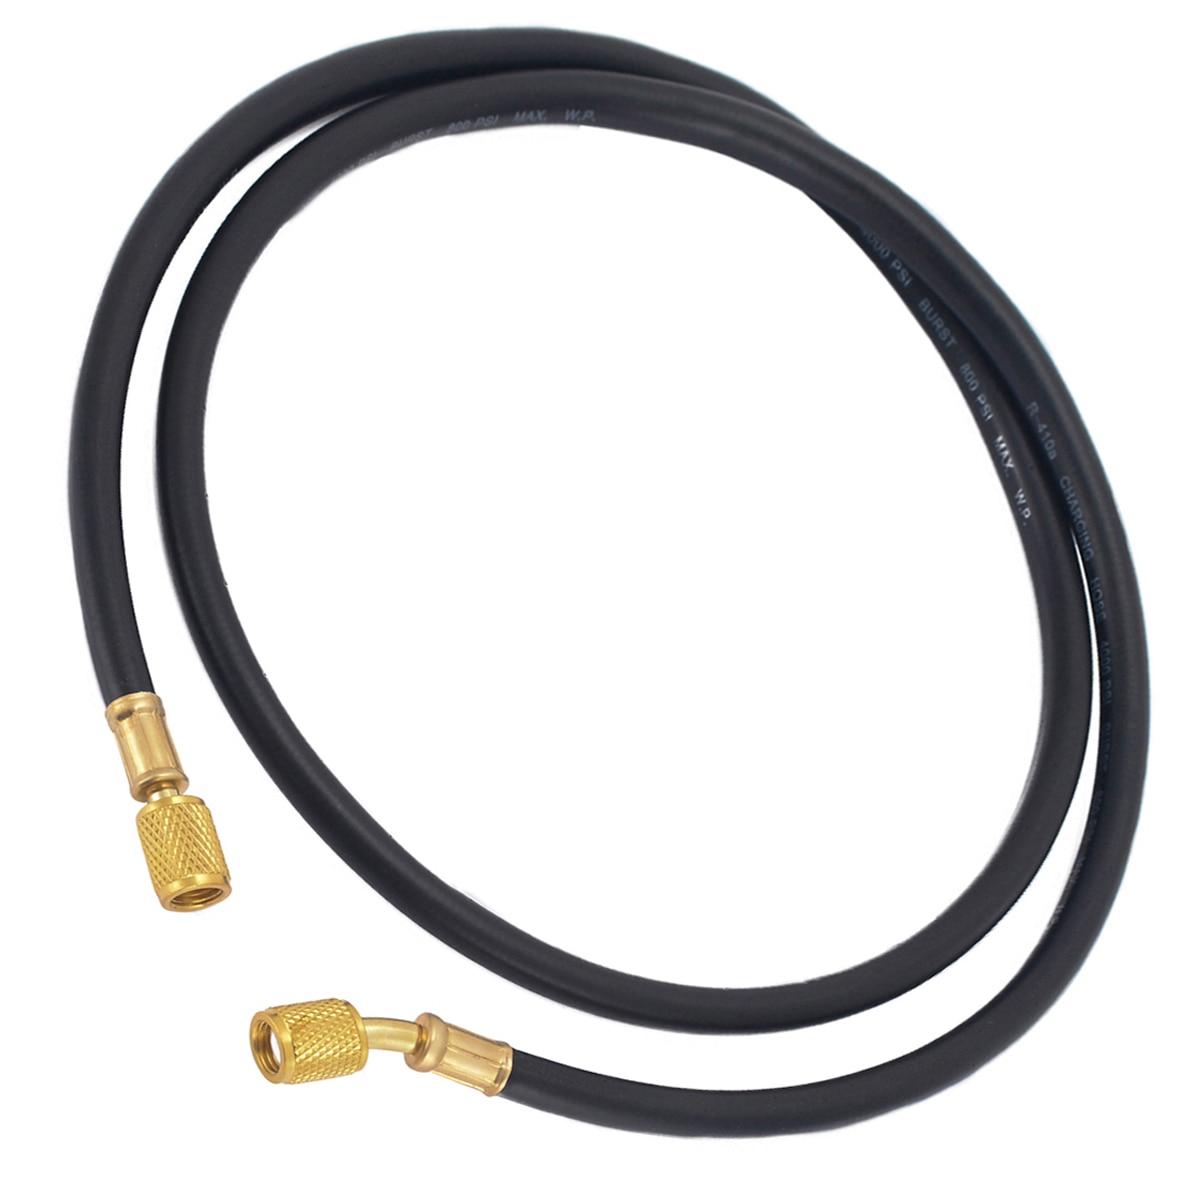 Práctico estándar R410a manguera de carga 150cm HVAC 1/4 pulgadas SAE 800PSI manguera de montaje AC refrigerante de carga mangueras